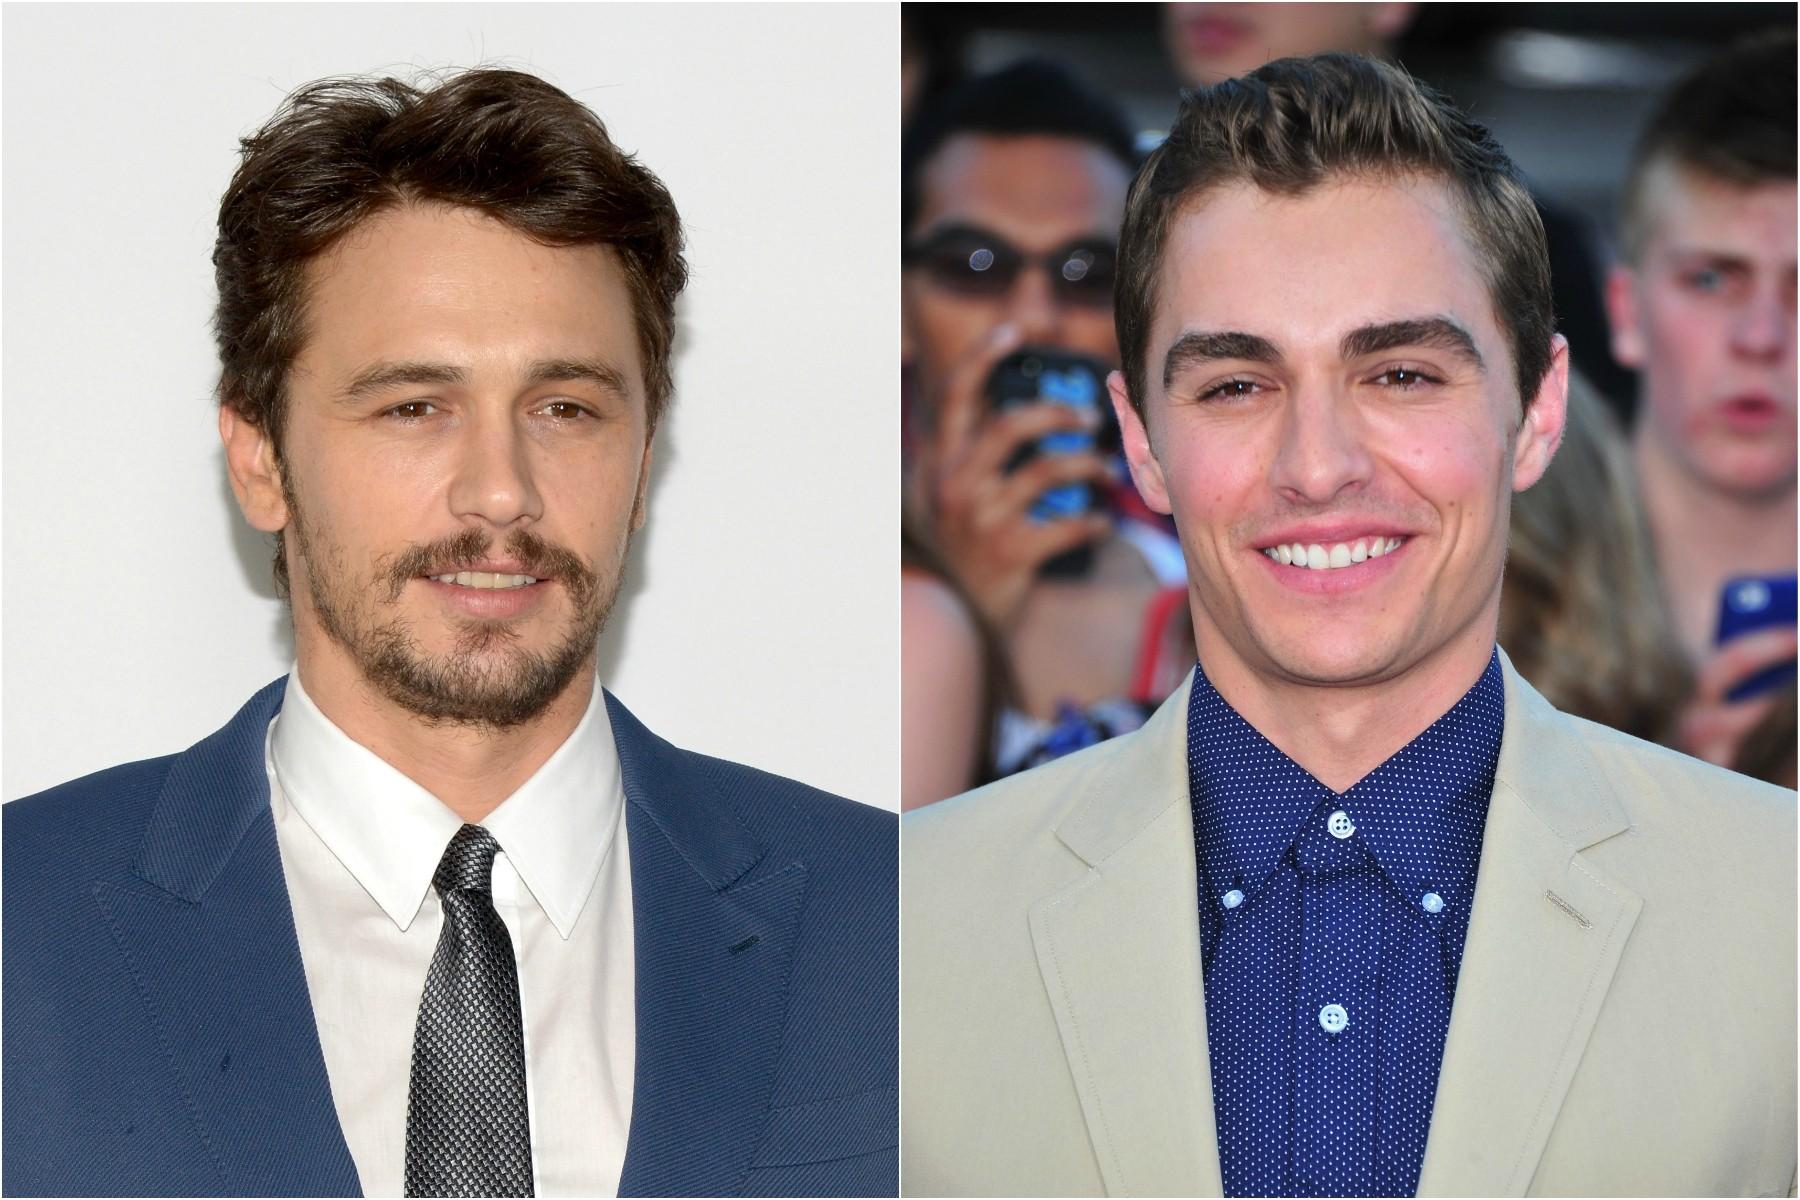 James Franco (à esq.), de 36 anos, tem um irmão de 29 chamado Dave Franco, também ator. (Foto: Getty Images)